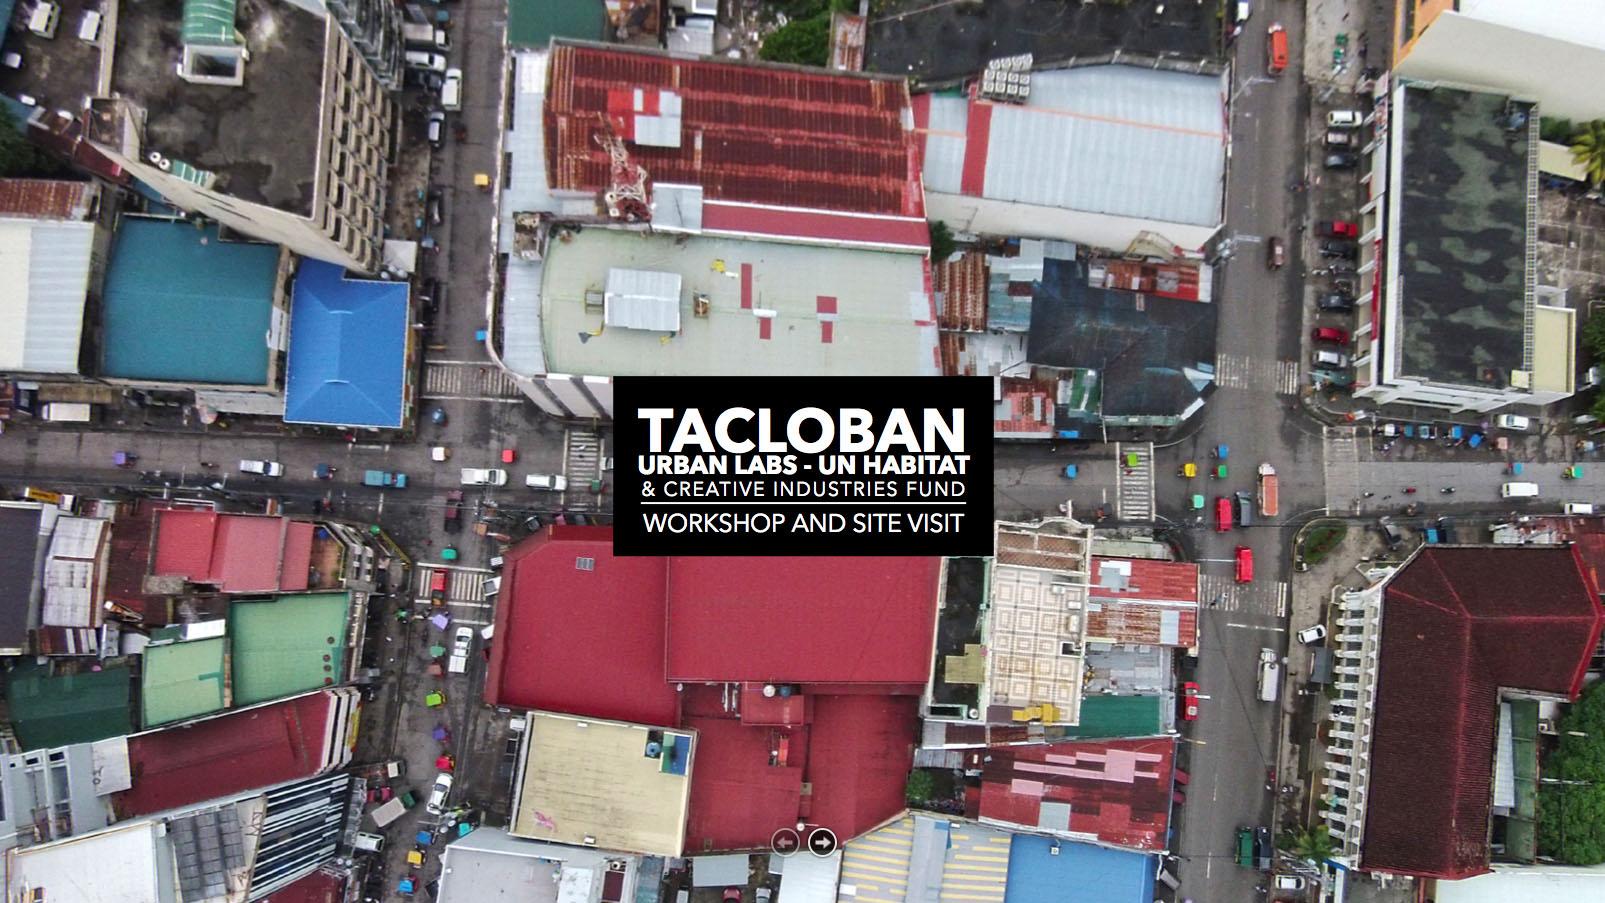 Tacloban pic